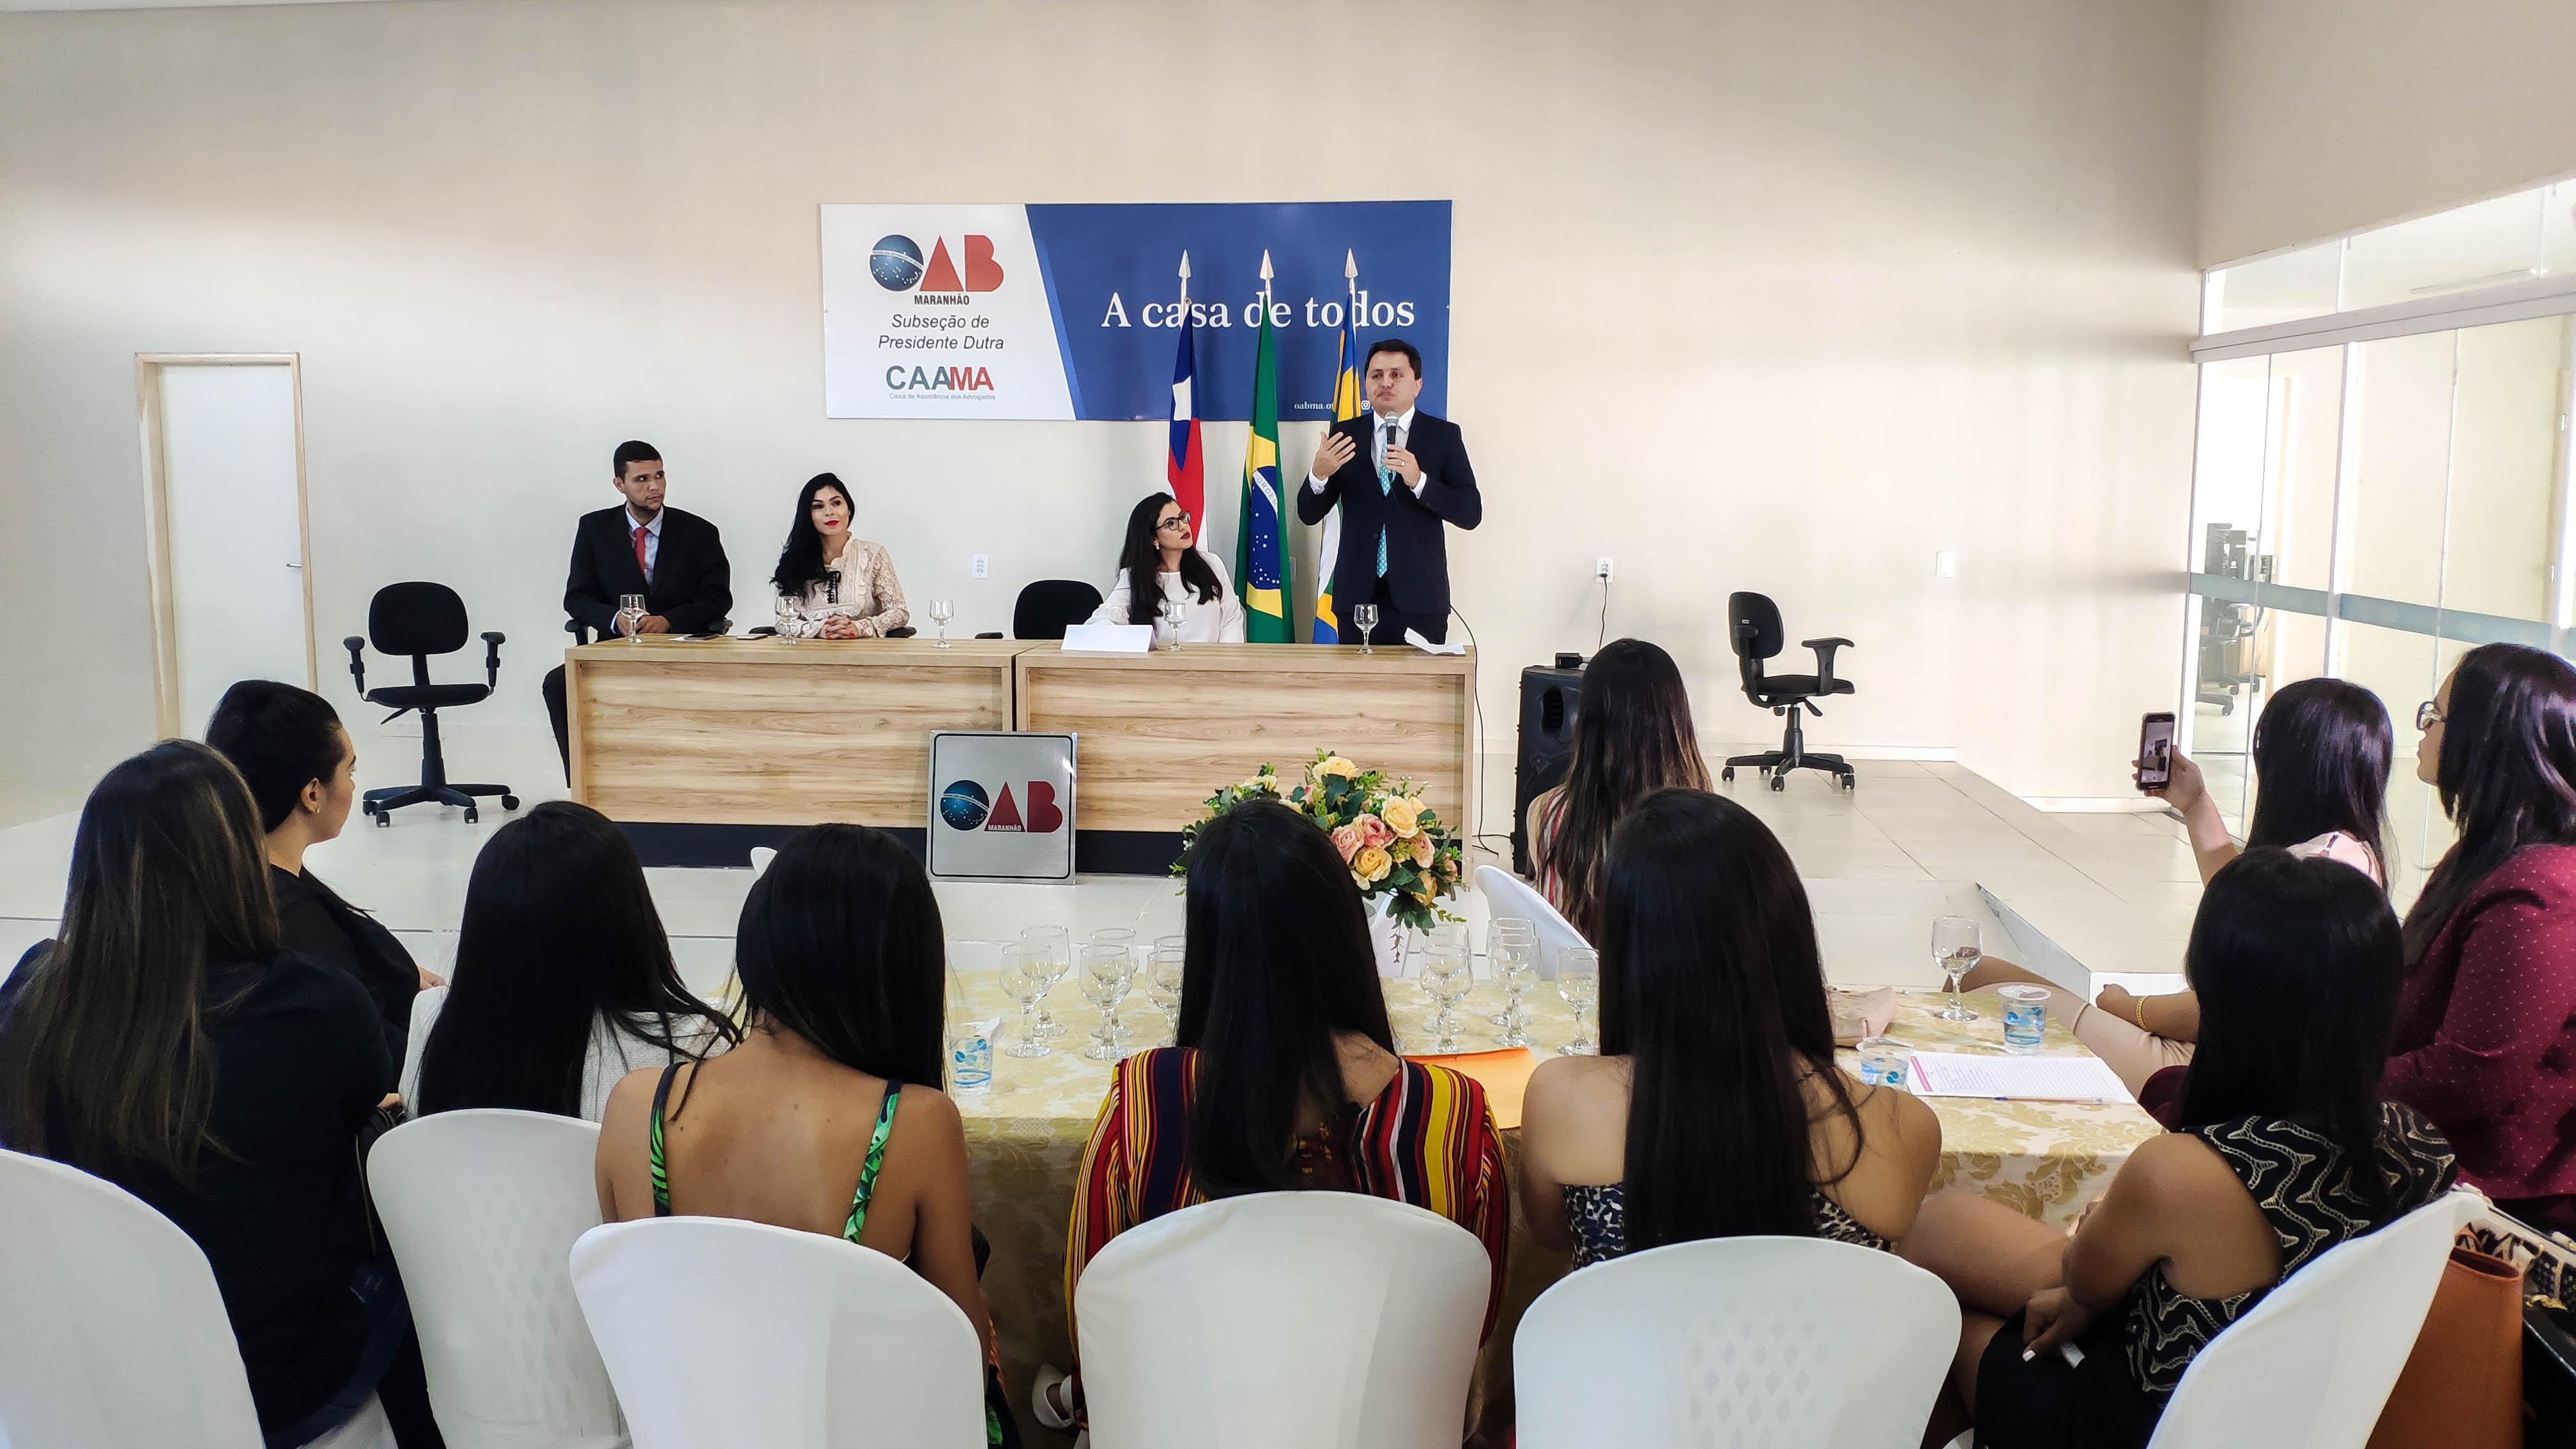 c798a1631 Para o presidente da Subseção da OAB de Presidente Dutra, Eder Lima, o  principal objetivo deste I Ciclo de Debates é trazer para o debate as  conquistas ...